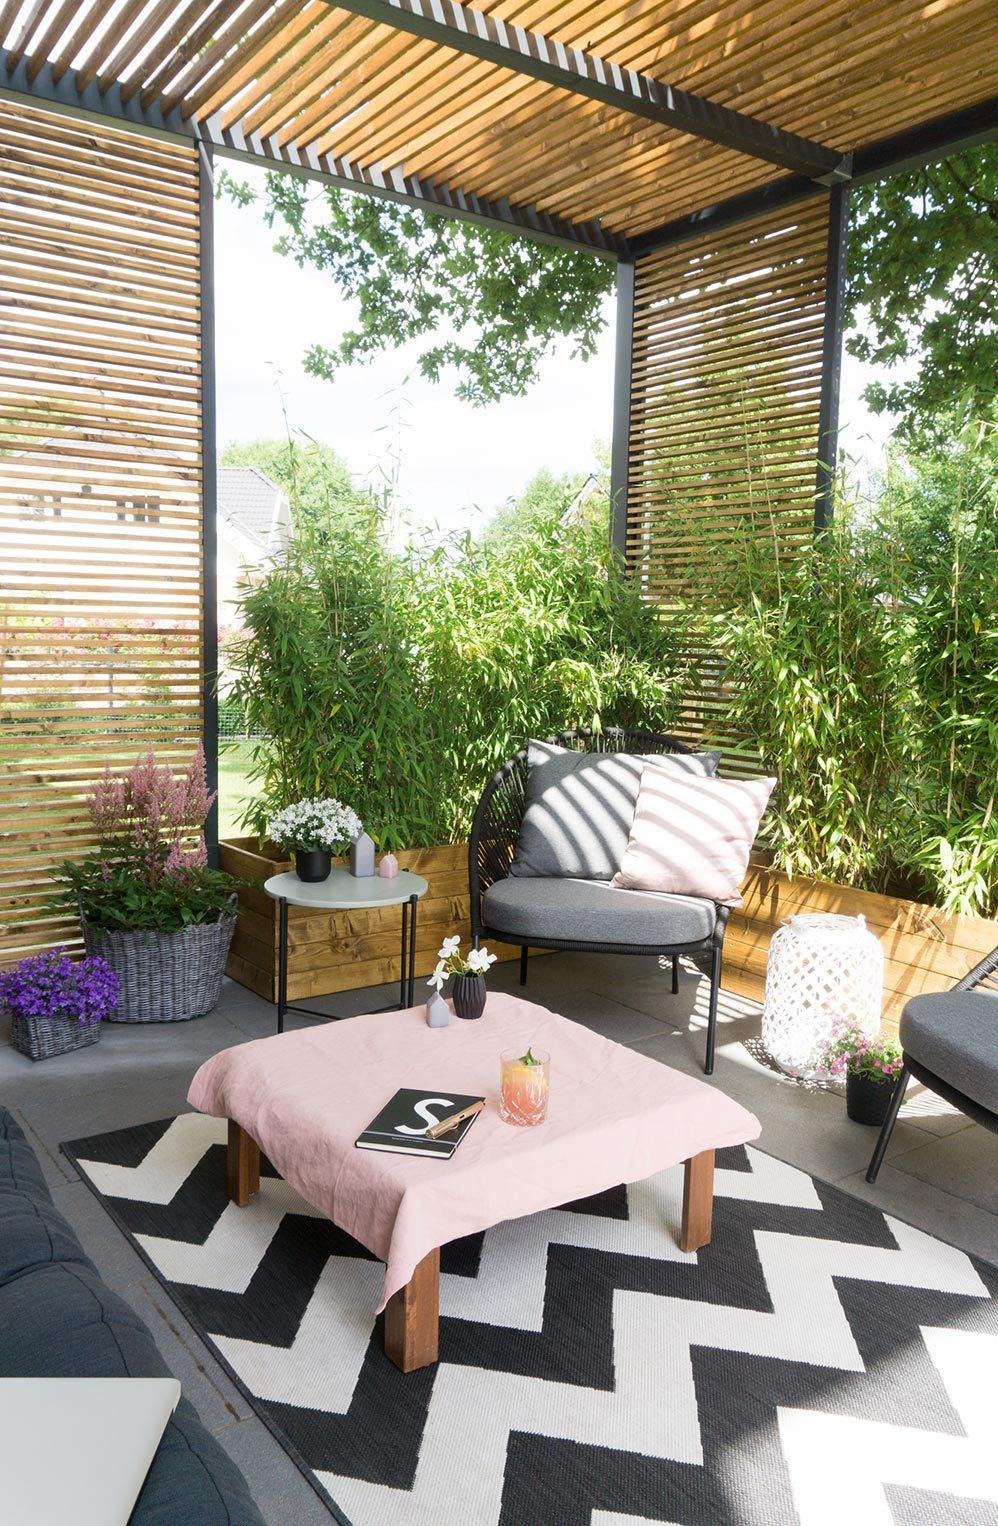 Full Size of Lounge Sessel Garten Möbel Loungemöbel Set Günstig Sofa Holz Wohnzimmer Terrassen Lounge